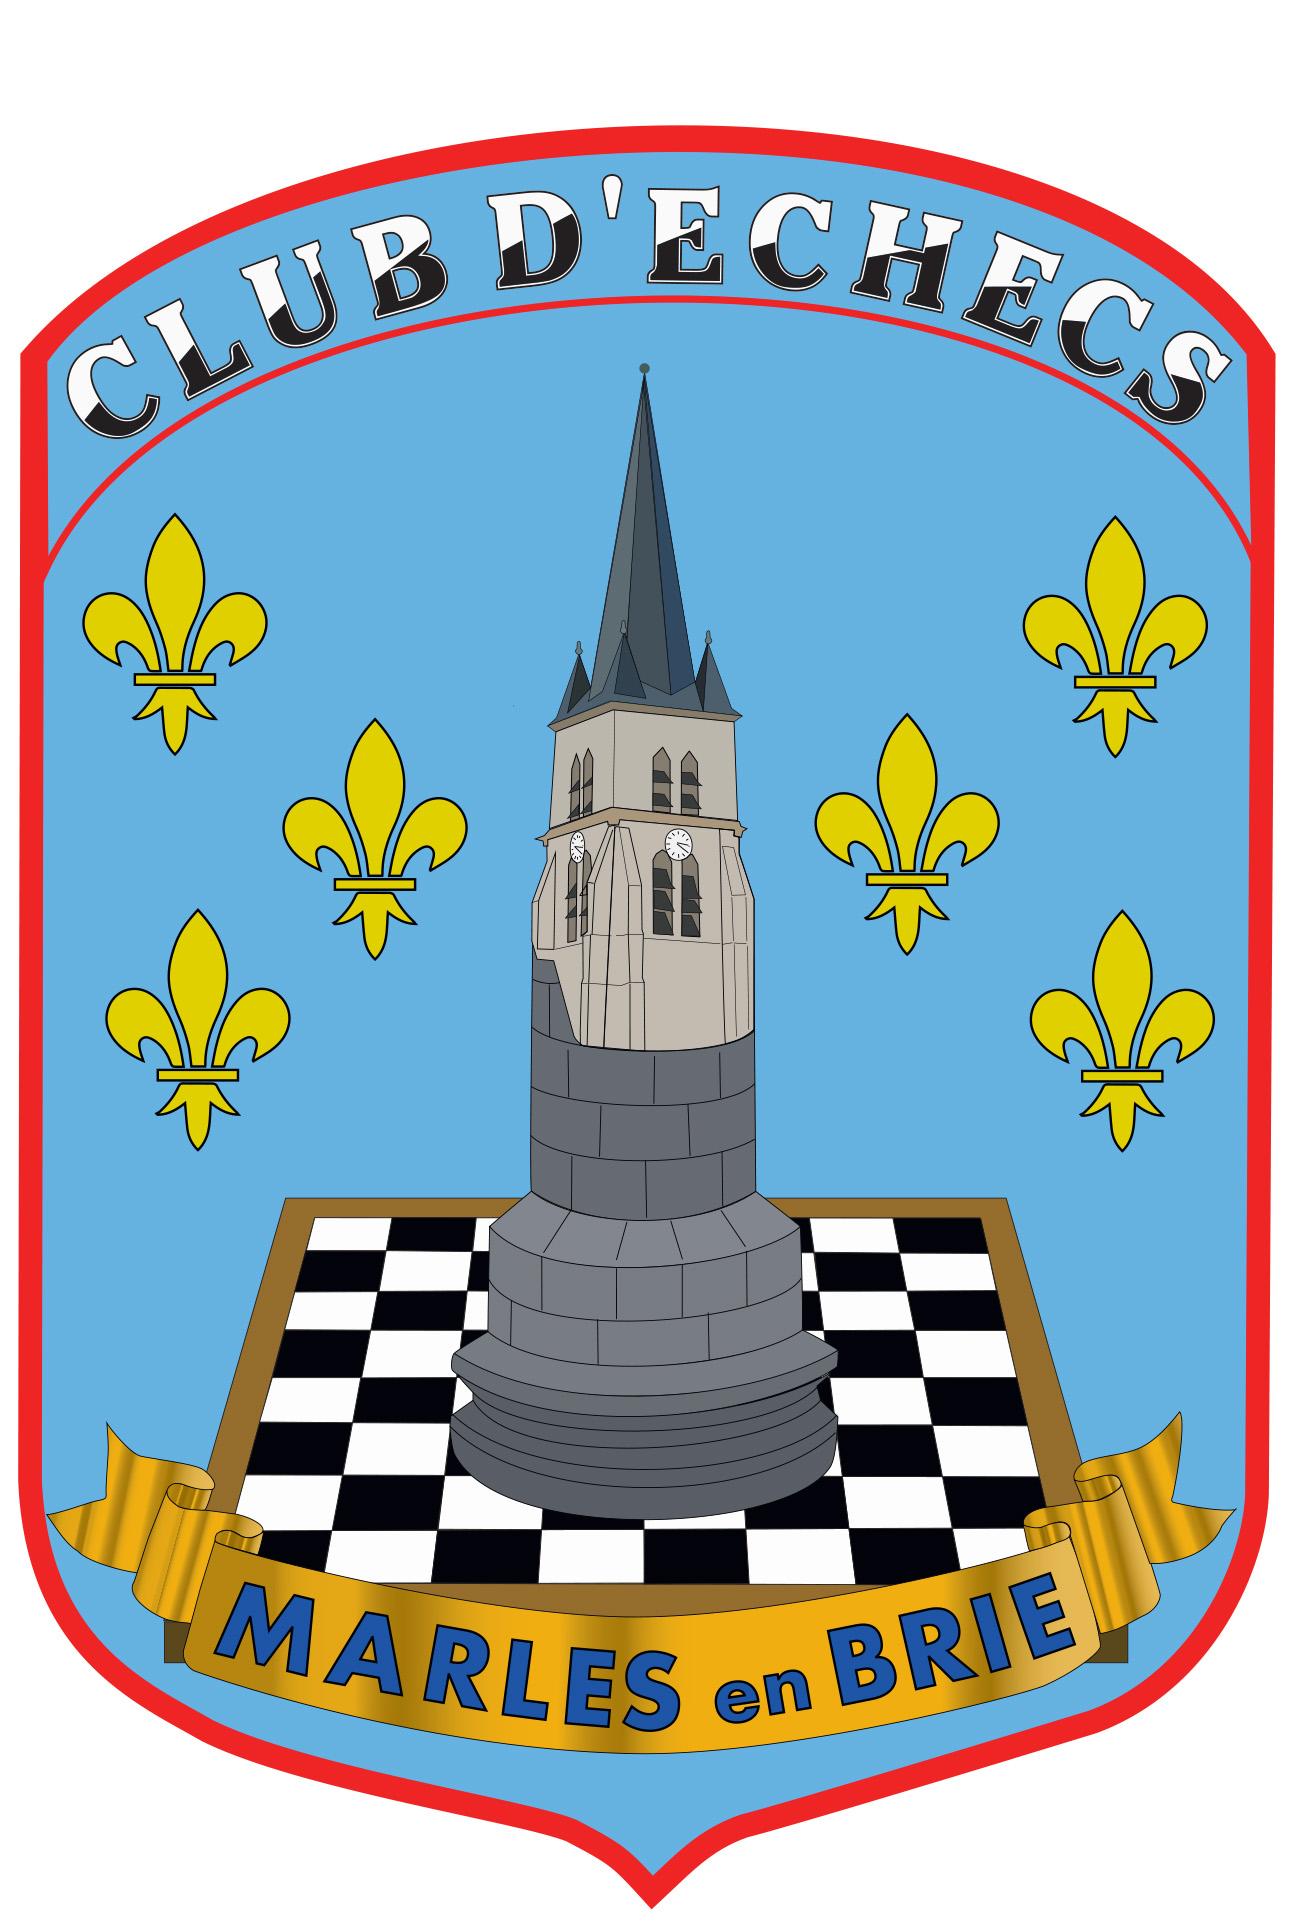 Logo-Echec-5-jpeg.jpg